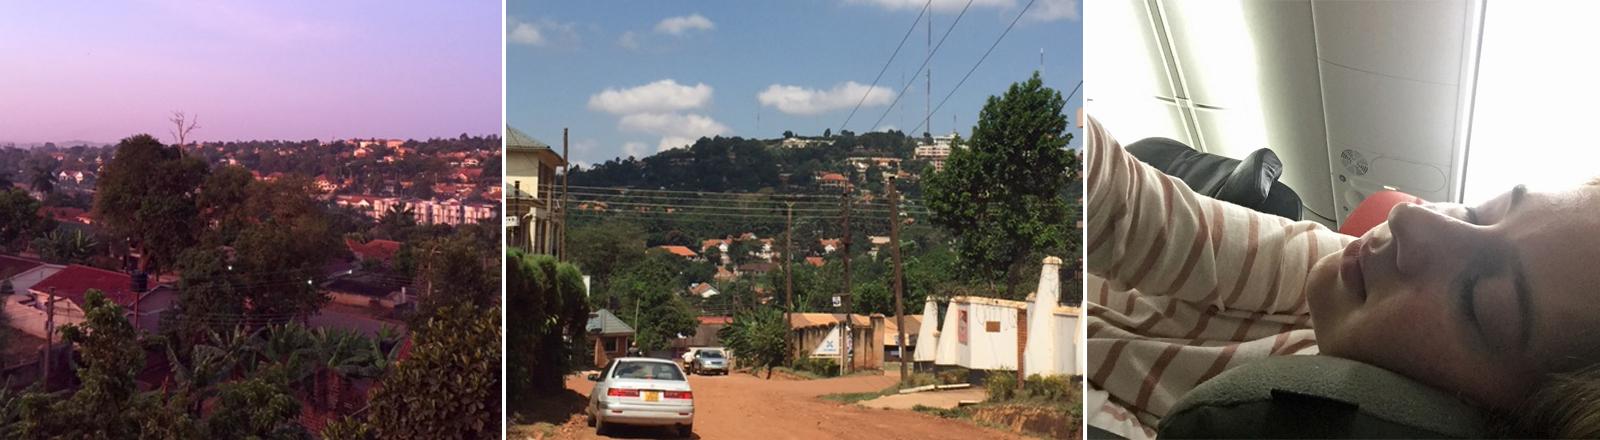 Tilla Kross ist unser Tapfertyp in Uganda.